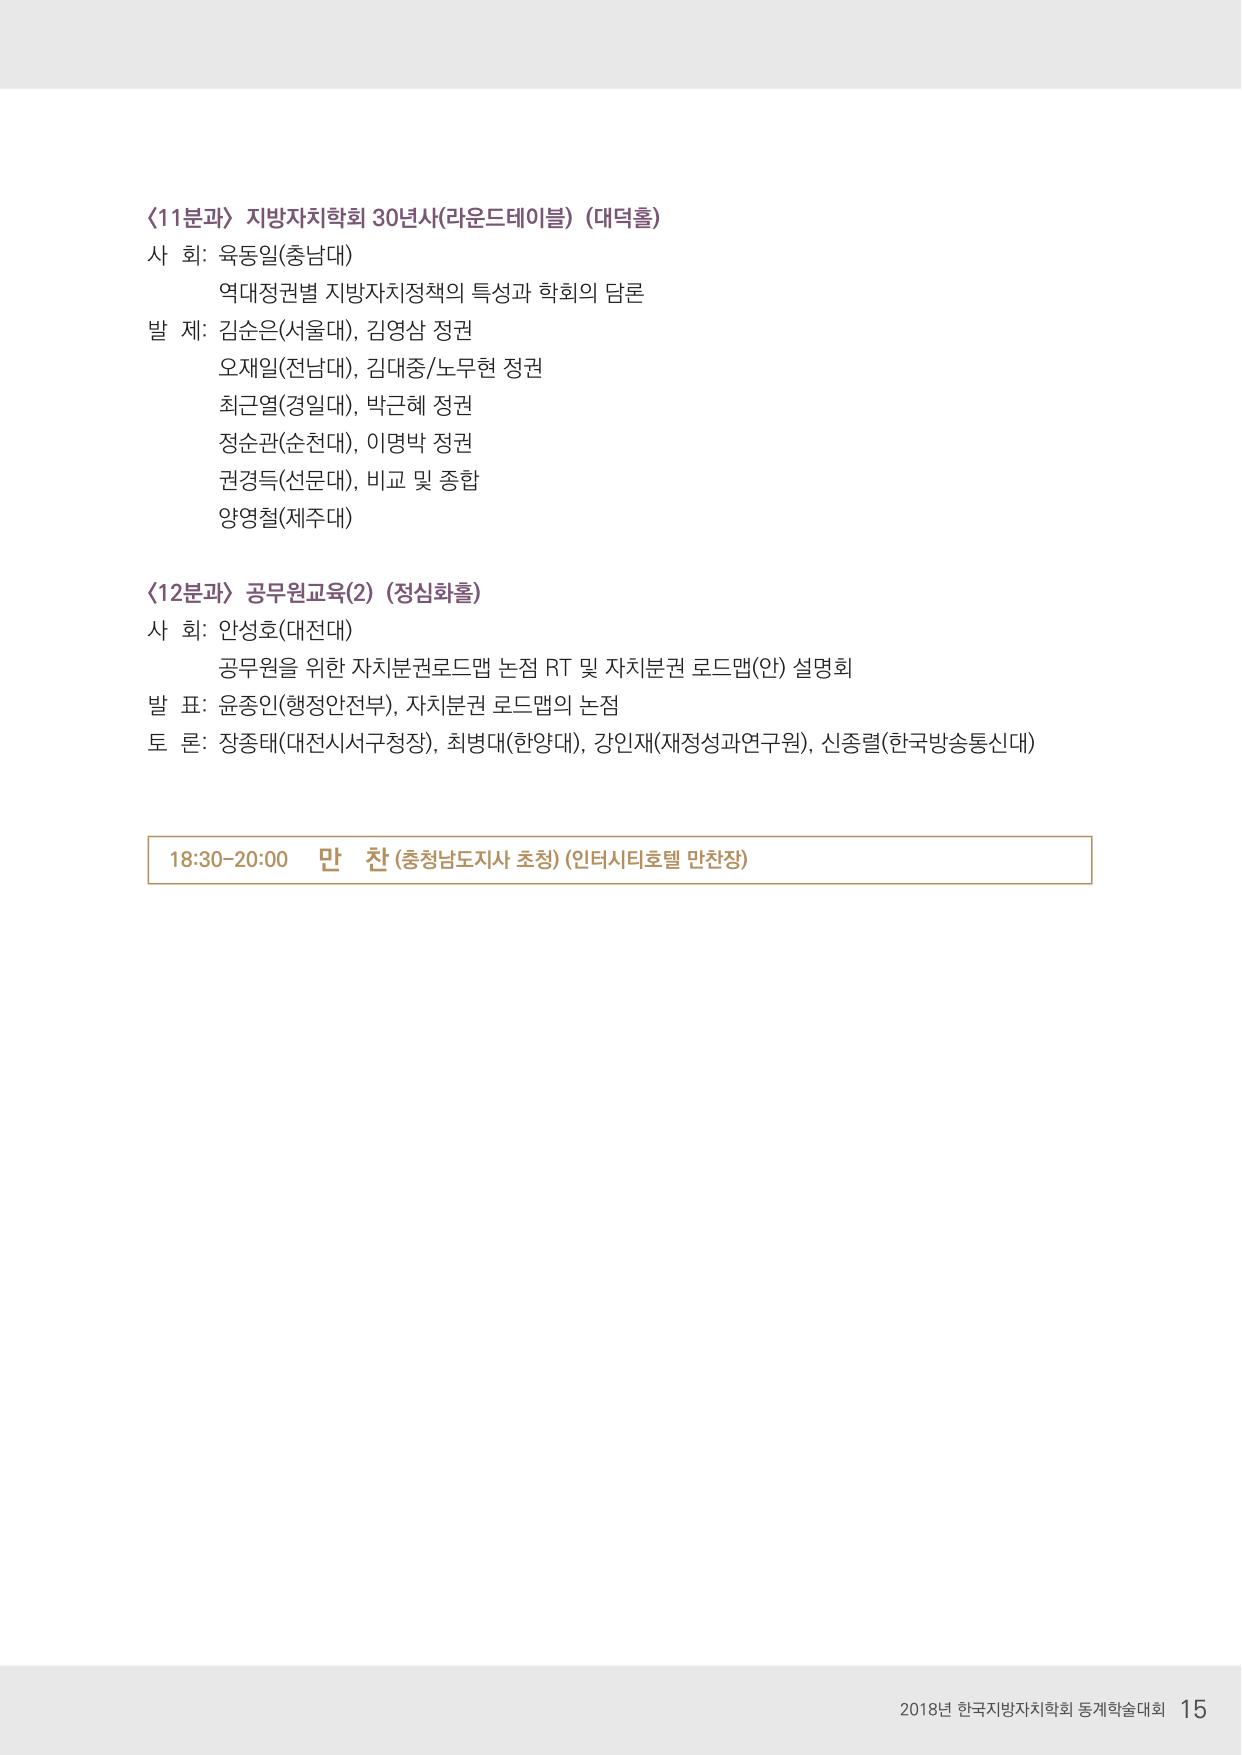 초청장_동계학술대회_한국지방자치학회(최종본)-15.jpg